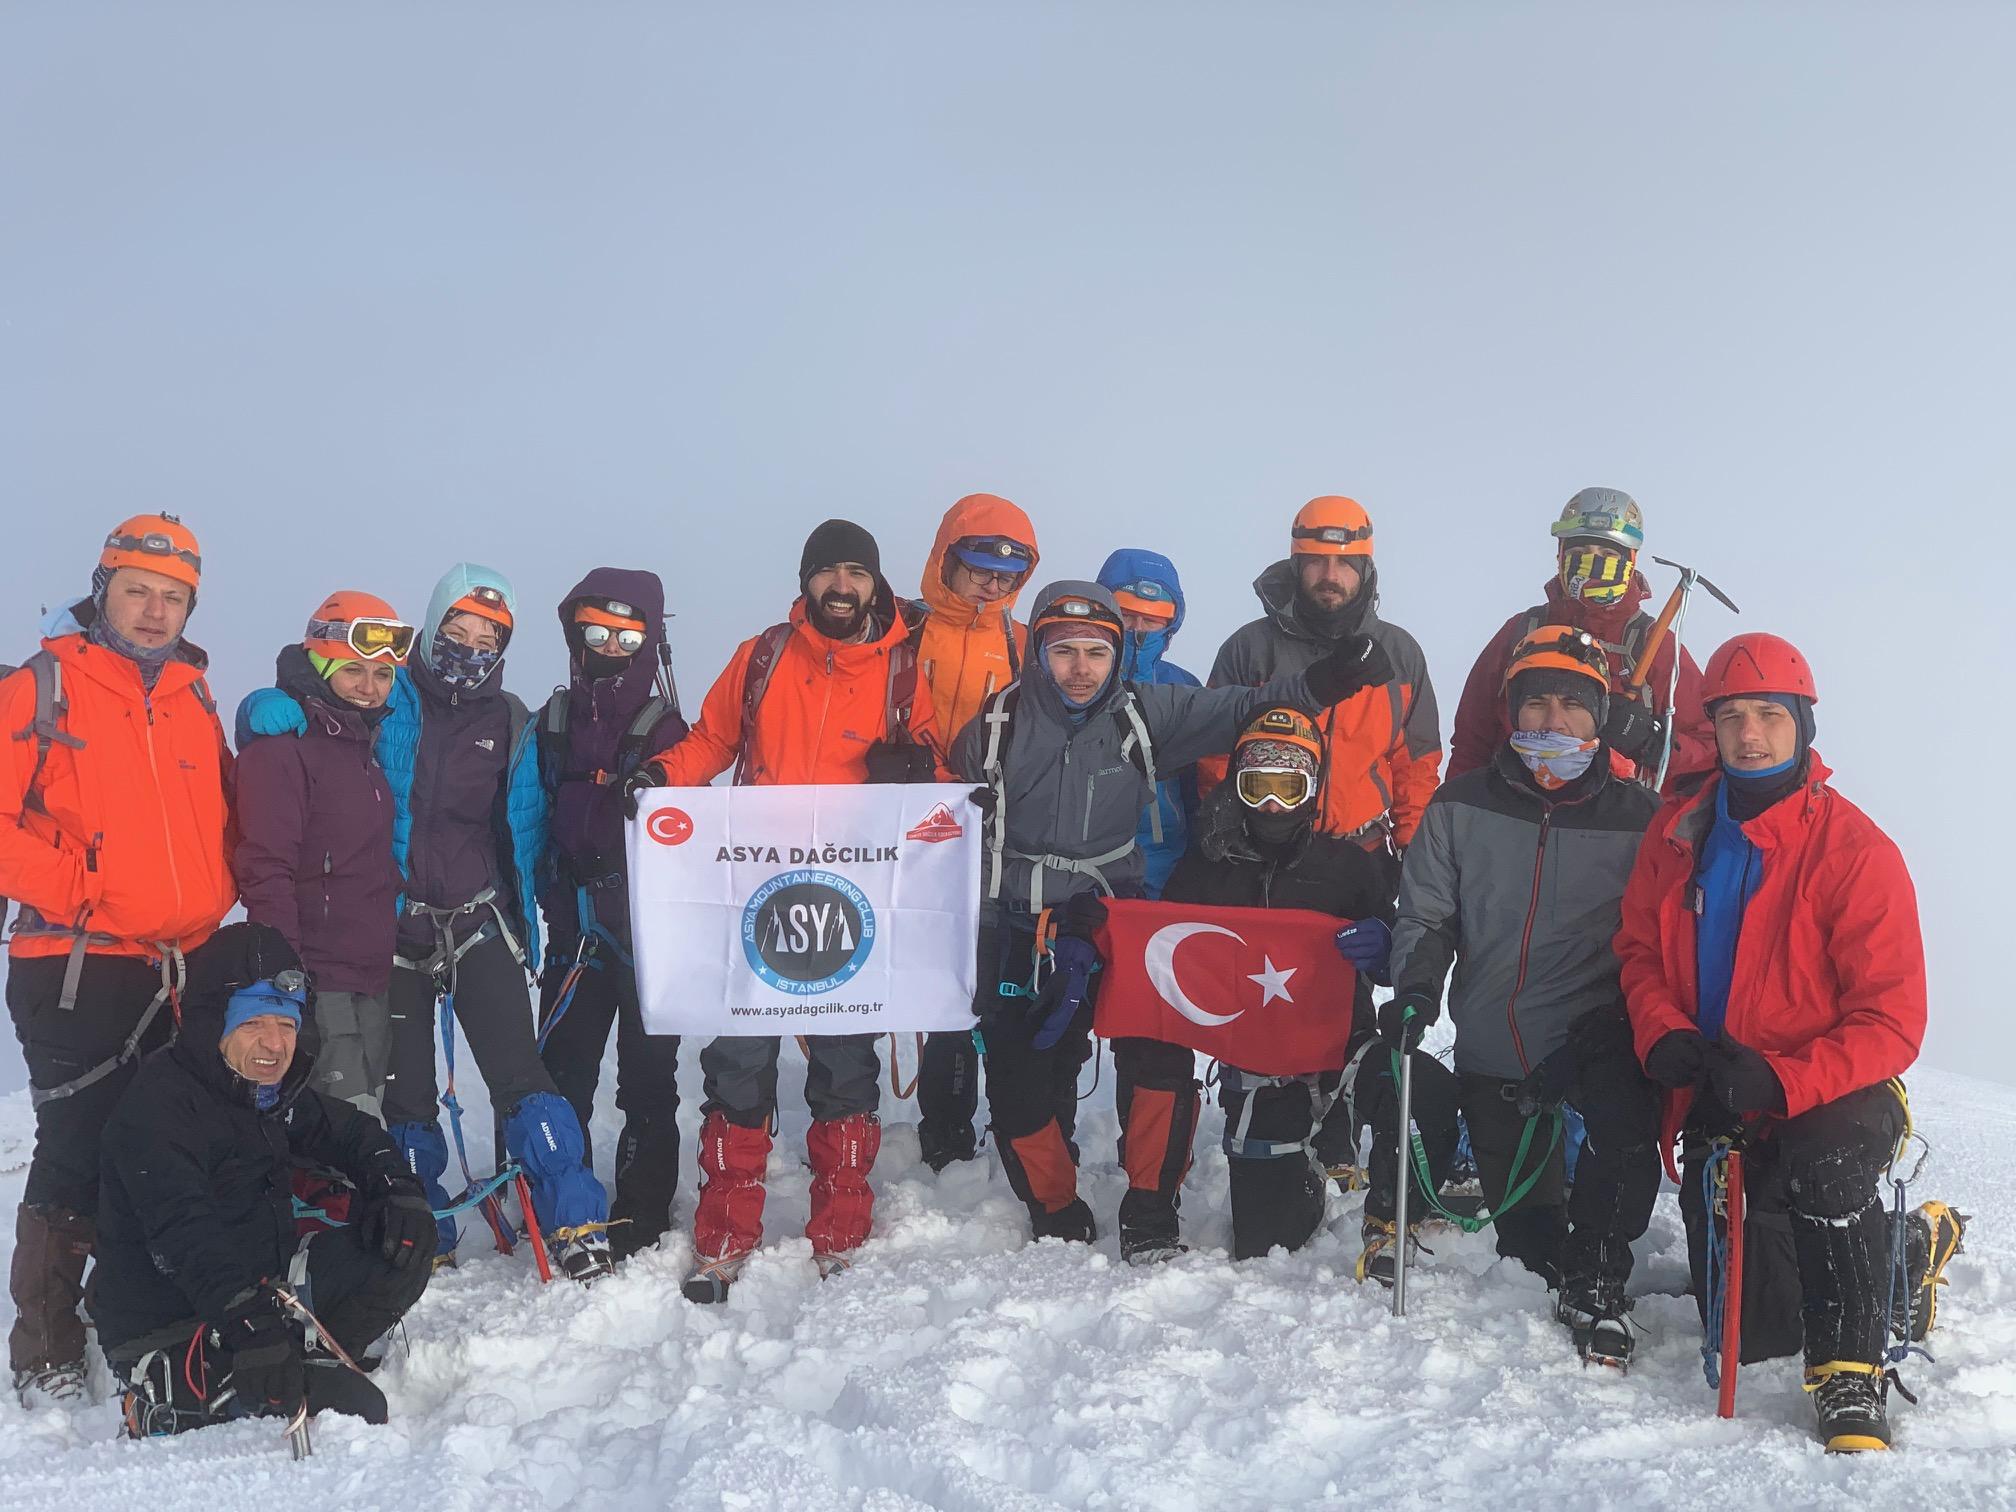 Asya Dağcılık ve Doğa Sporları Kulübü Hasan Dağı Tırmanışı